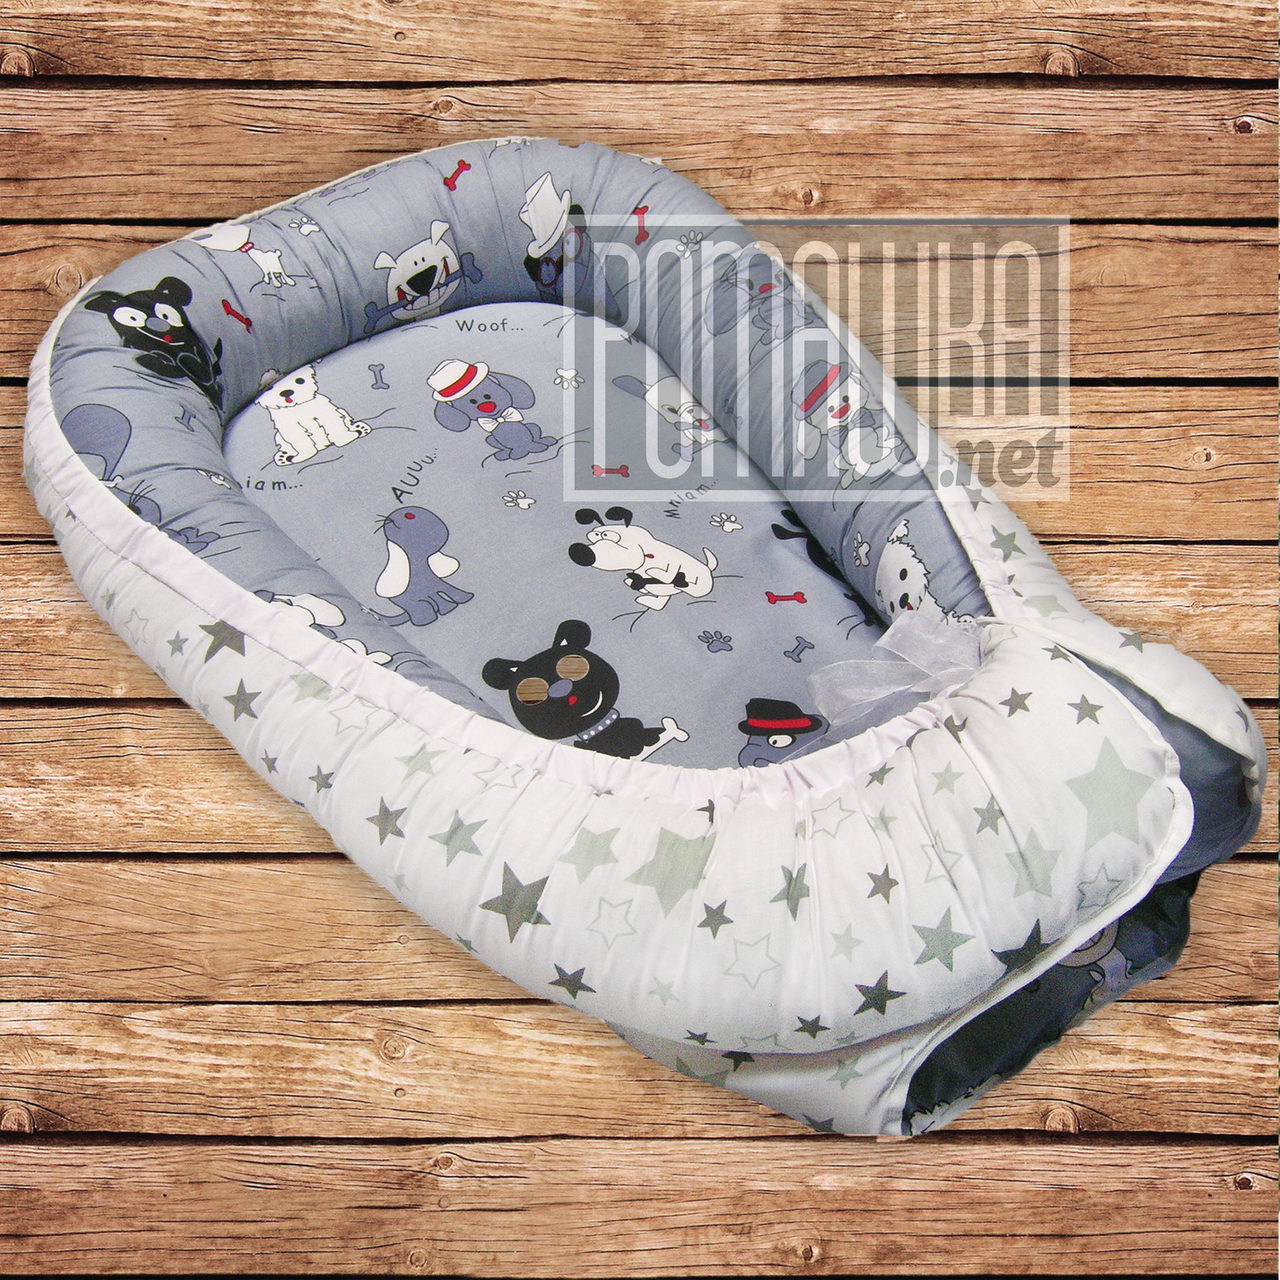 Кокон позиционер гнёздышко 85х55 см люлька ограничитель для сна новорожденных малышей младенцев 4760 Серый